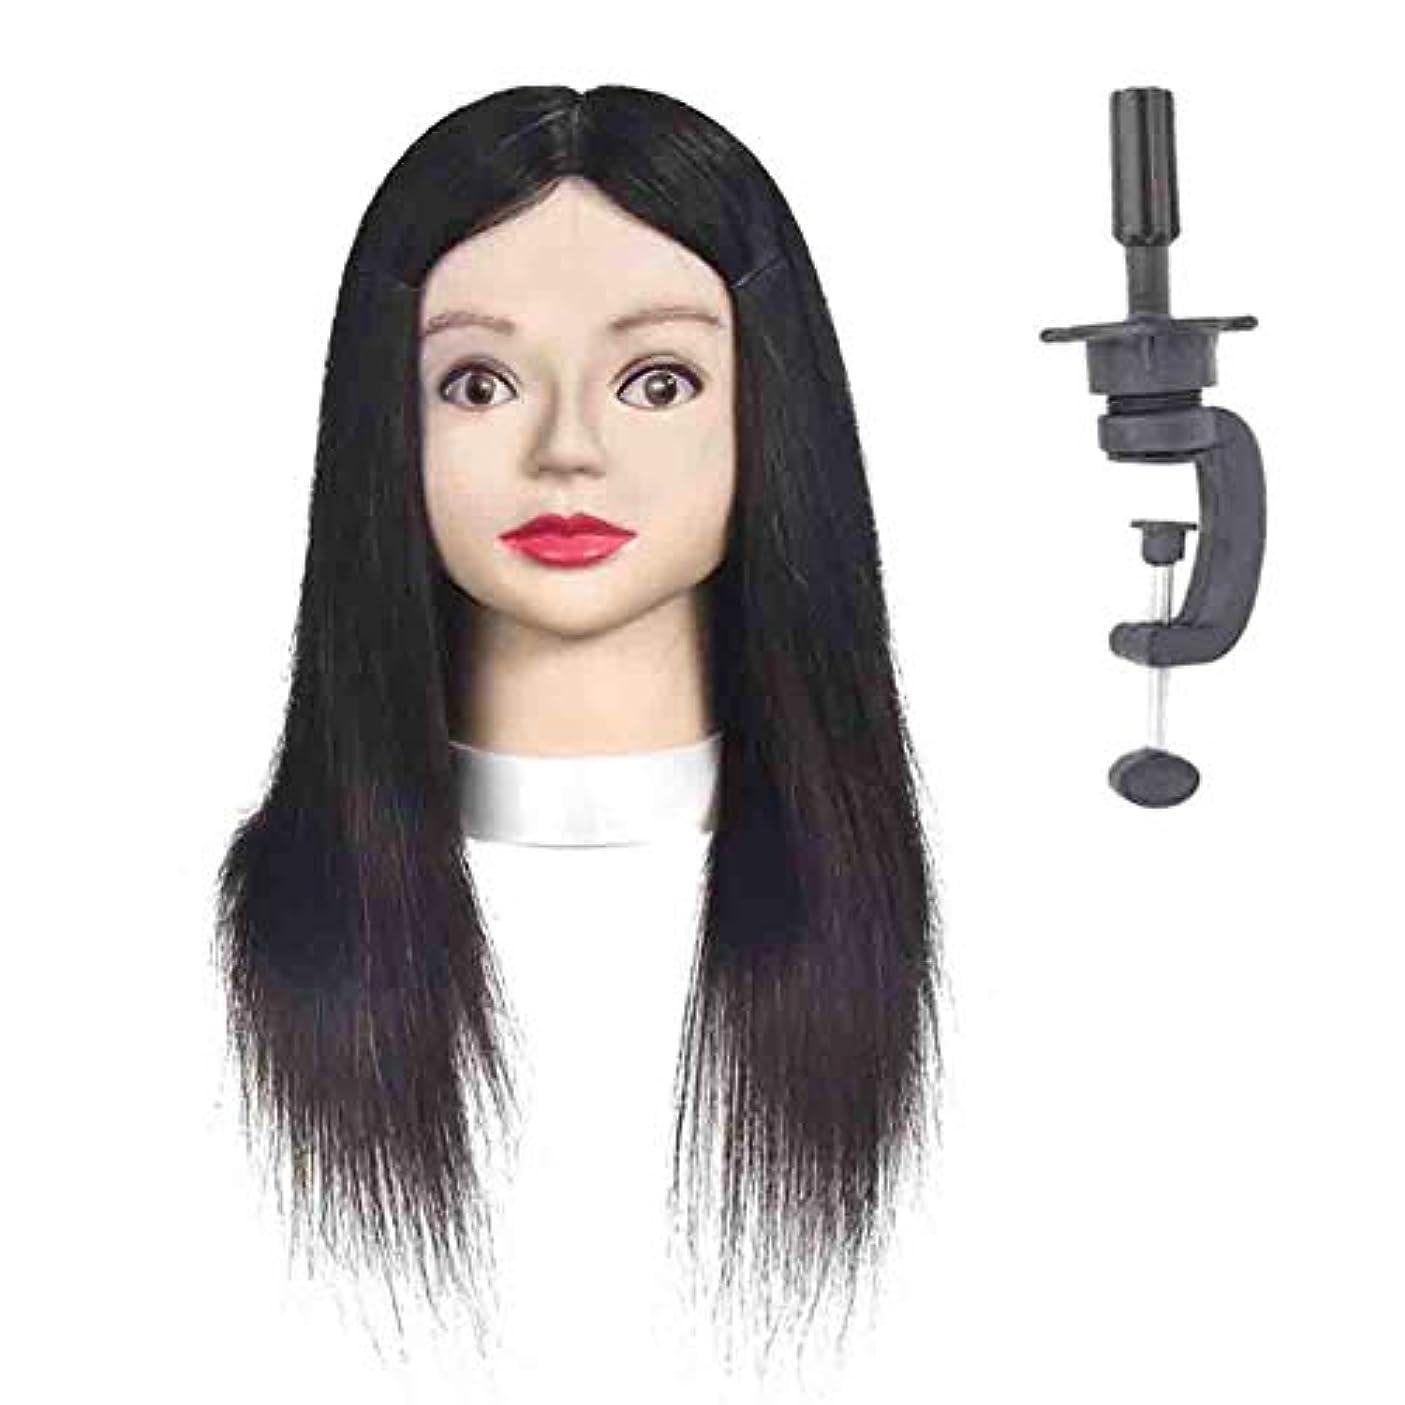 密輸勤勉な番号リアルヘアシルク編組ヘアスタイリングヘッドモデル理髪店理髪ダミーヘッドメイクアップ練習マネキンヘッド